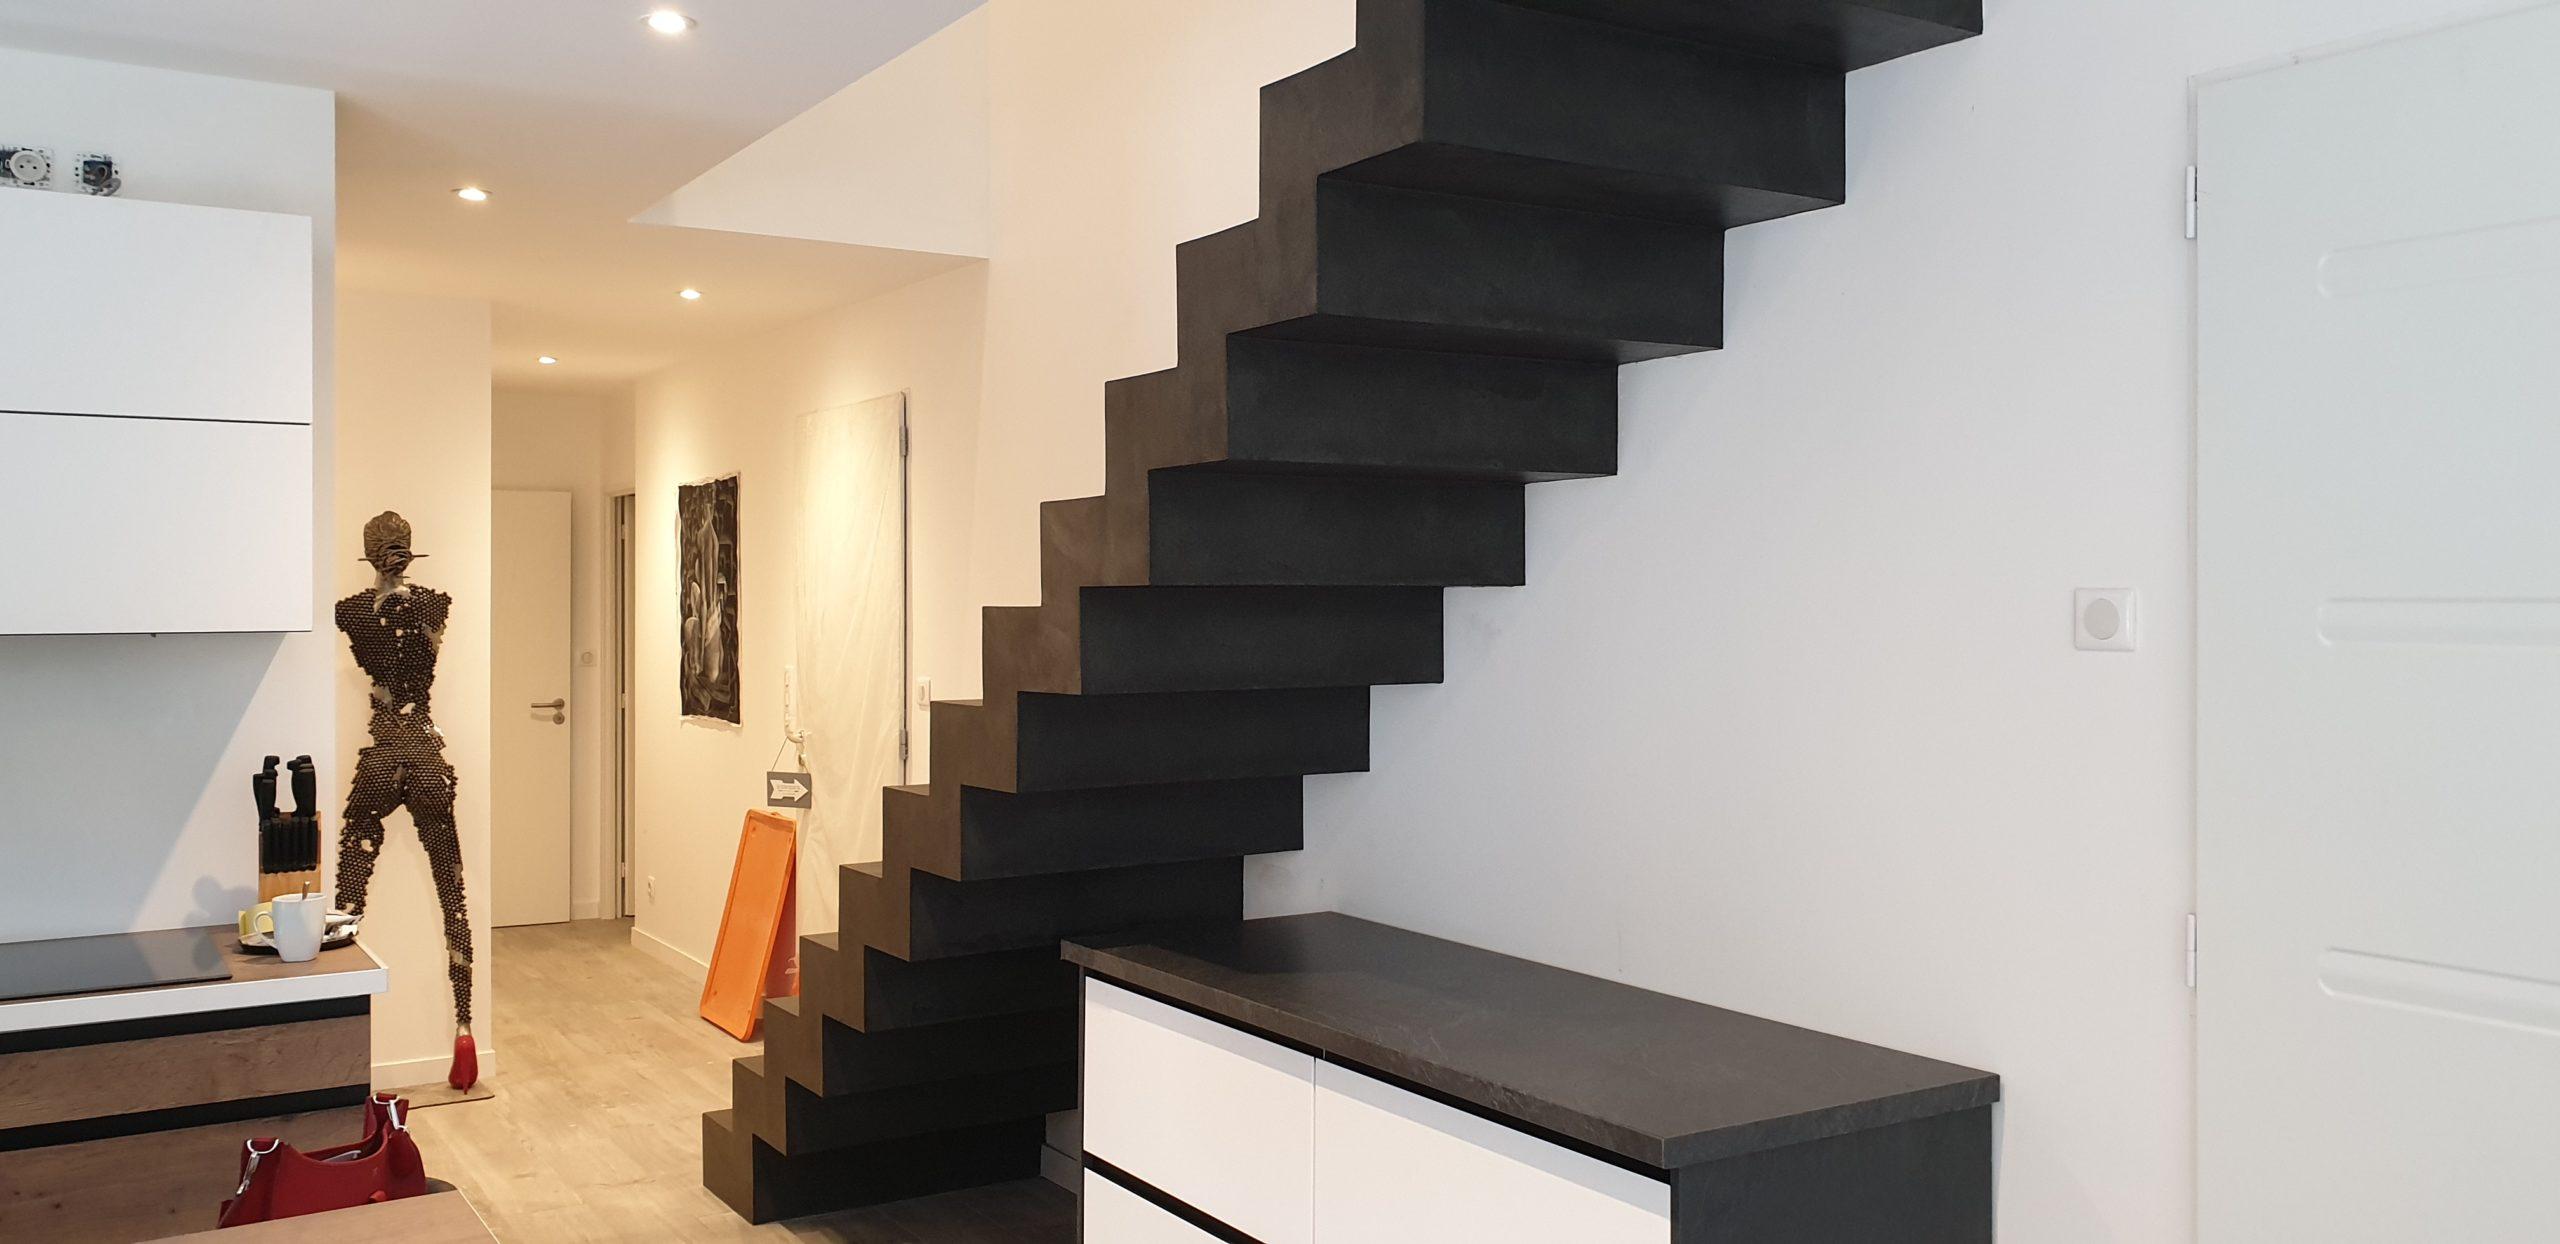 Escalier béton décoré en béton ciré couleur ardoise pour trancher avec le mur blanc du fond